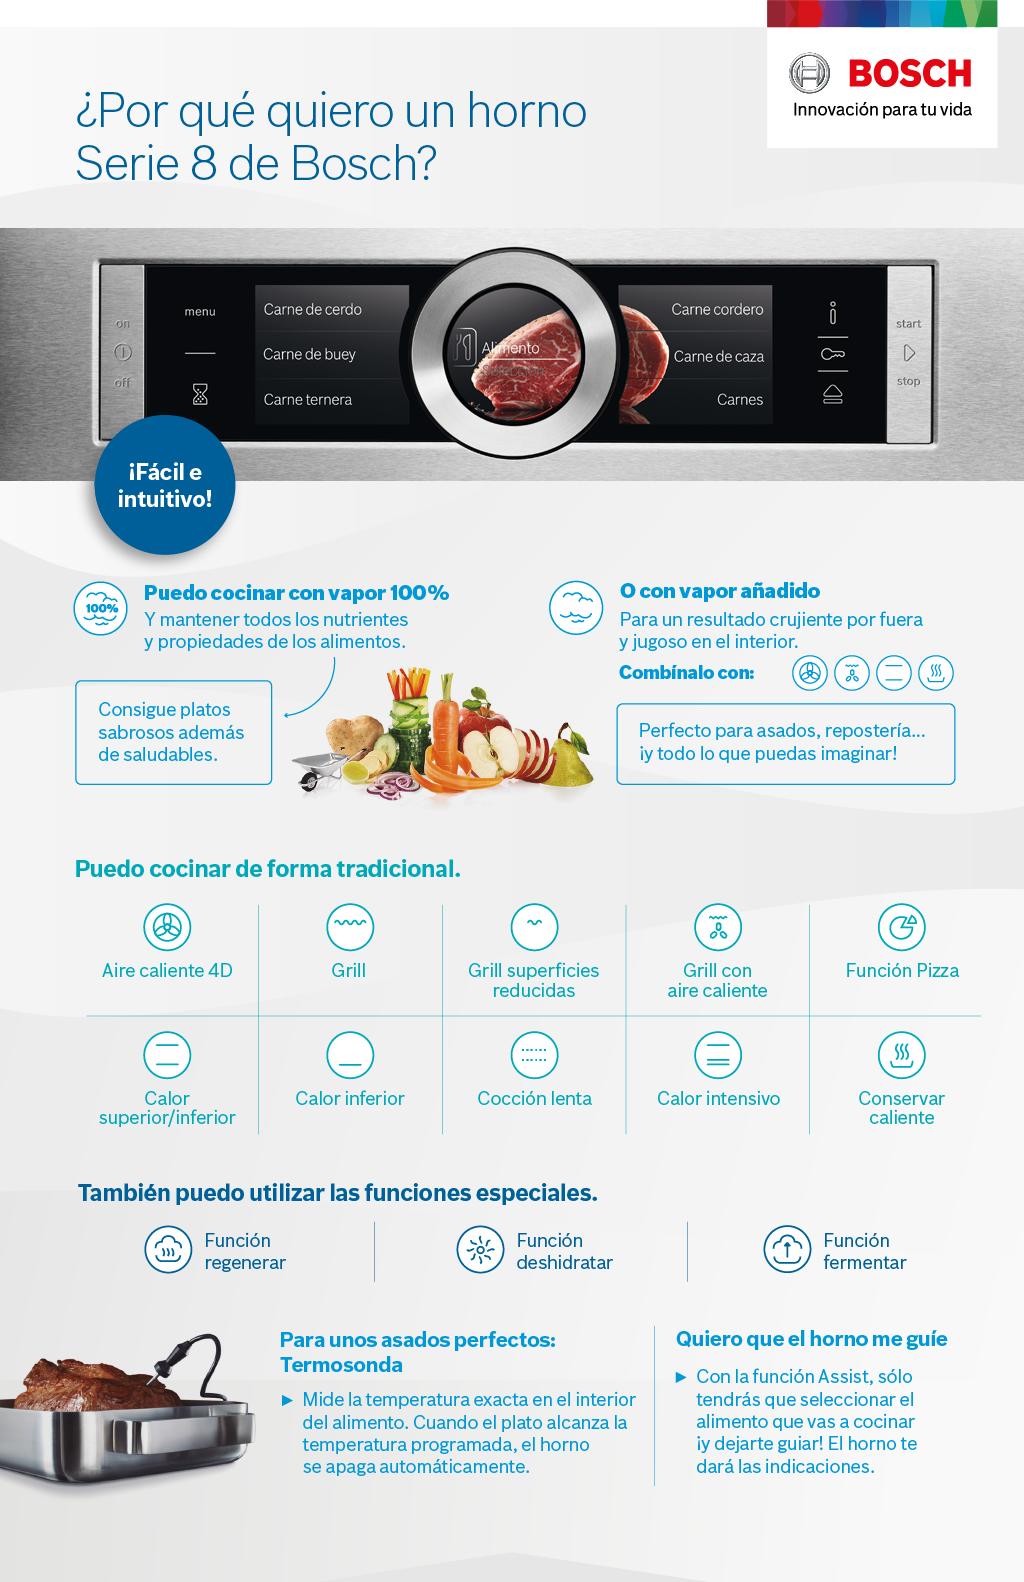 Motivos para comprar un horno Serie 8